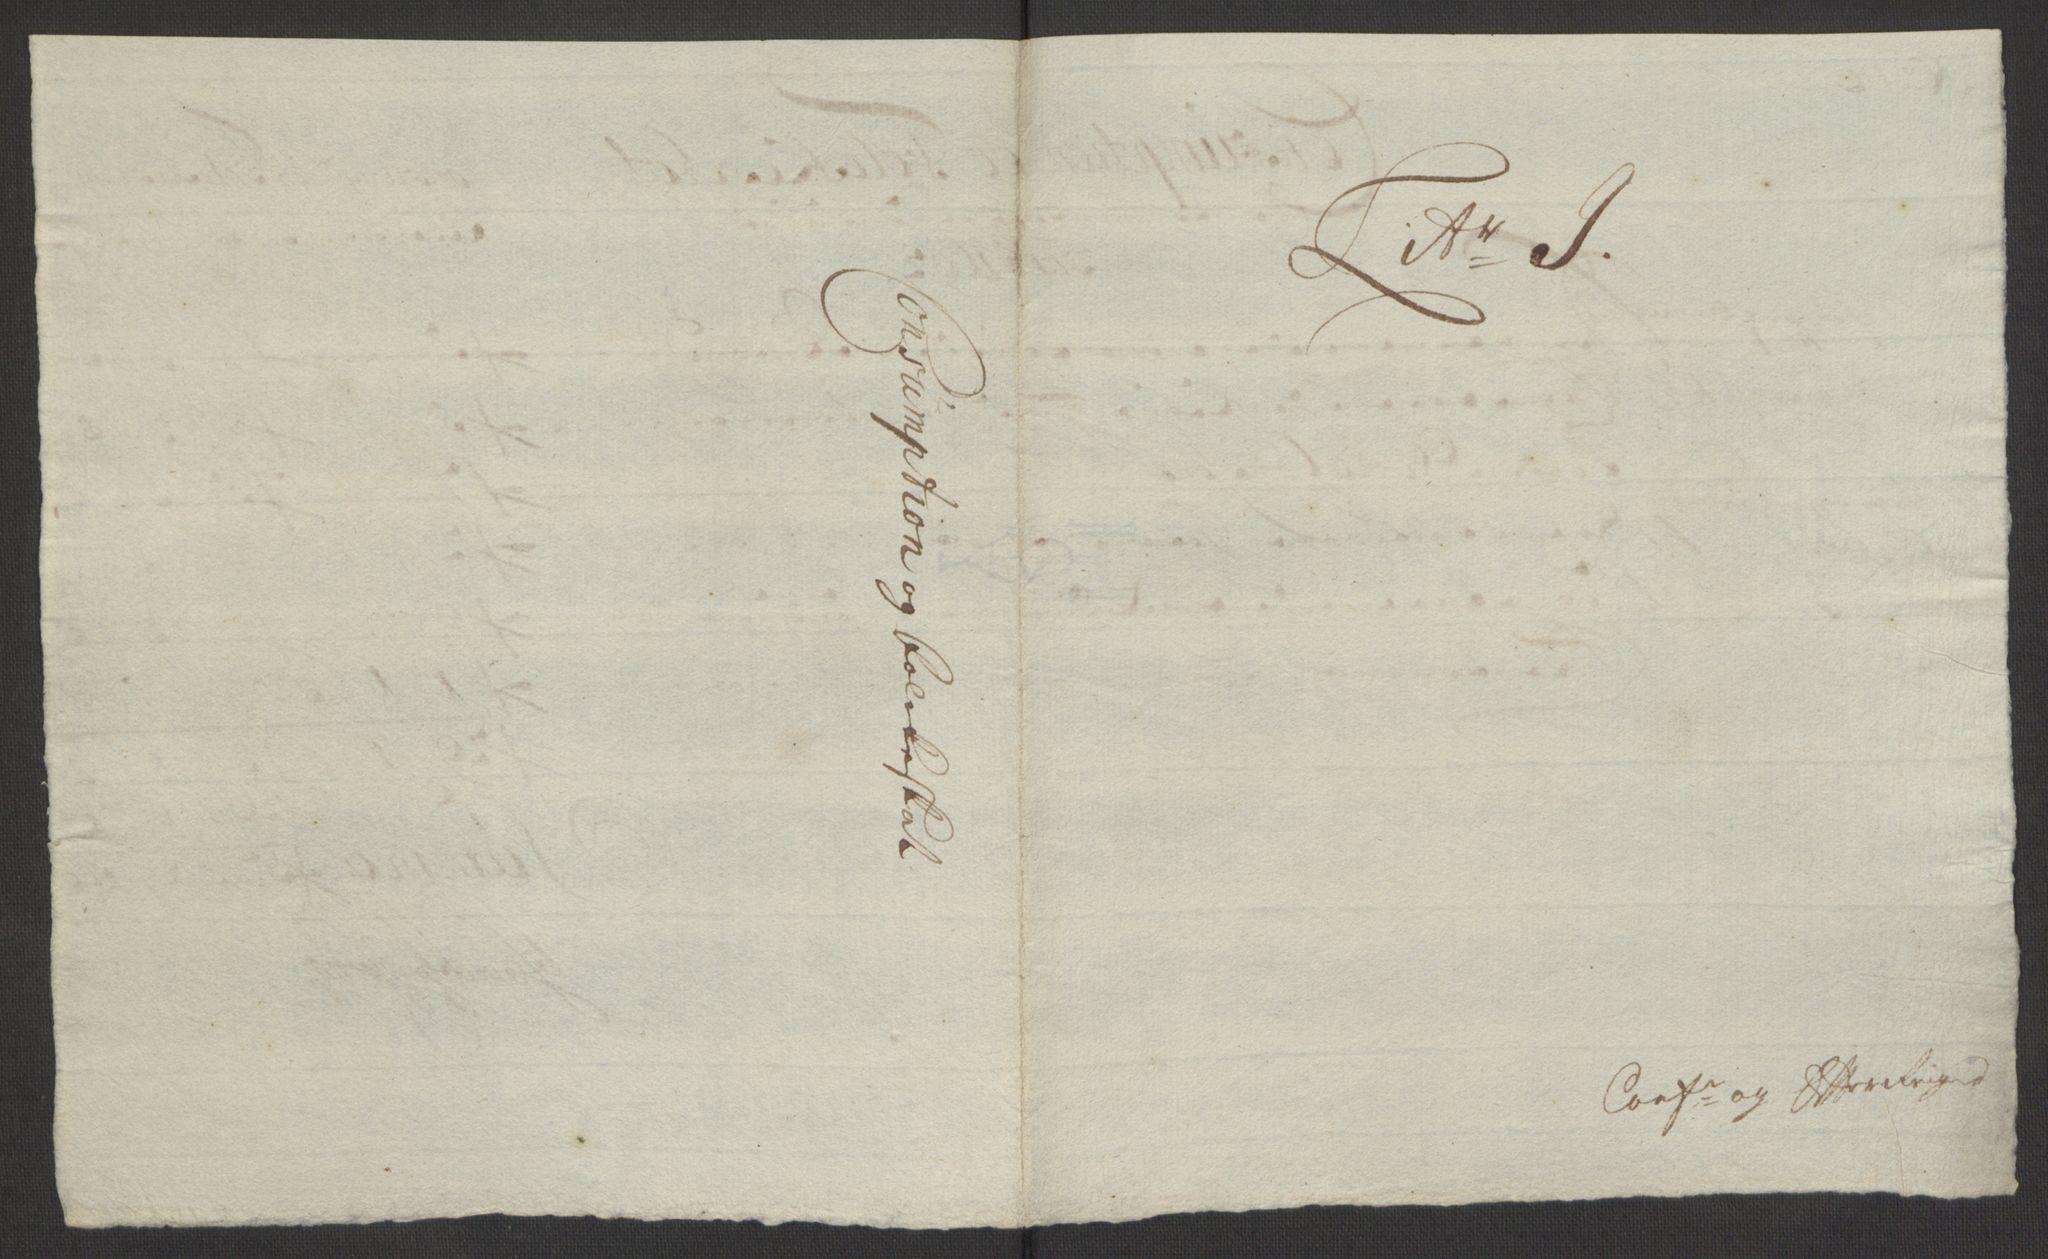 RA, Rentekammeret inntil 1814, Reviderte regnskaper, Fogderegnskap, R24/L1575: Fogderegnskap Numedal og Sandsvær, 1692-1695, s. 101